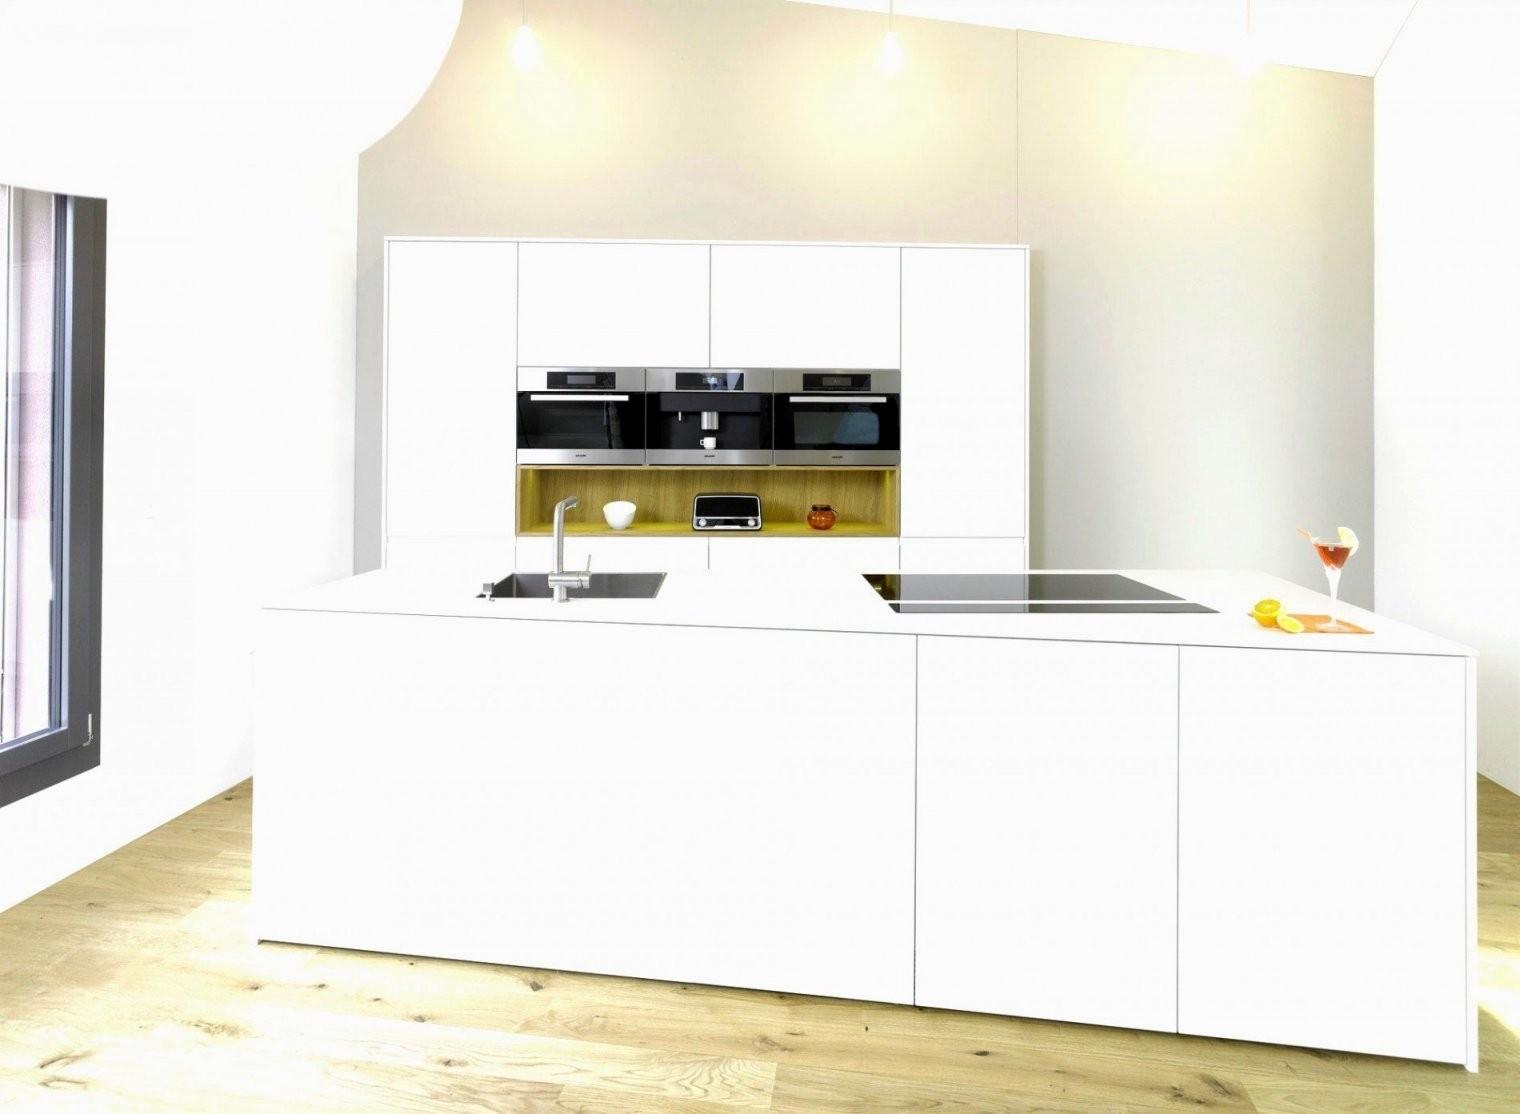 Einzigartig Küchen Eckschrank Mit Rondell  Home Image Ideen von Eckschrank Küche Selber Bauen Bild